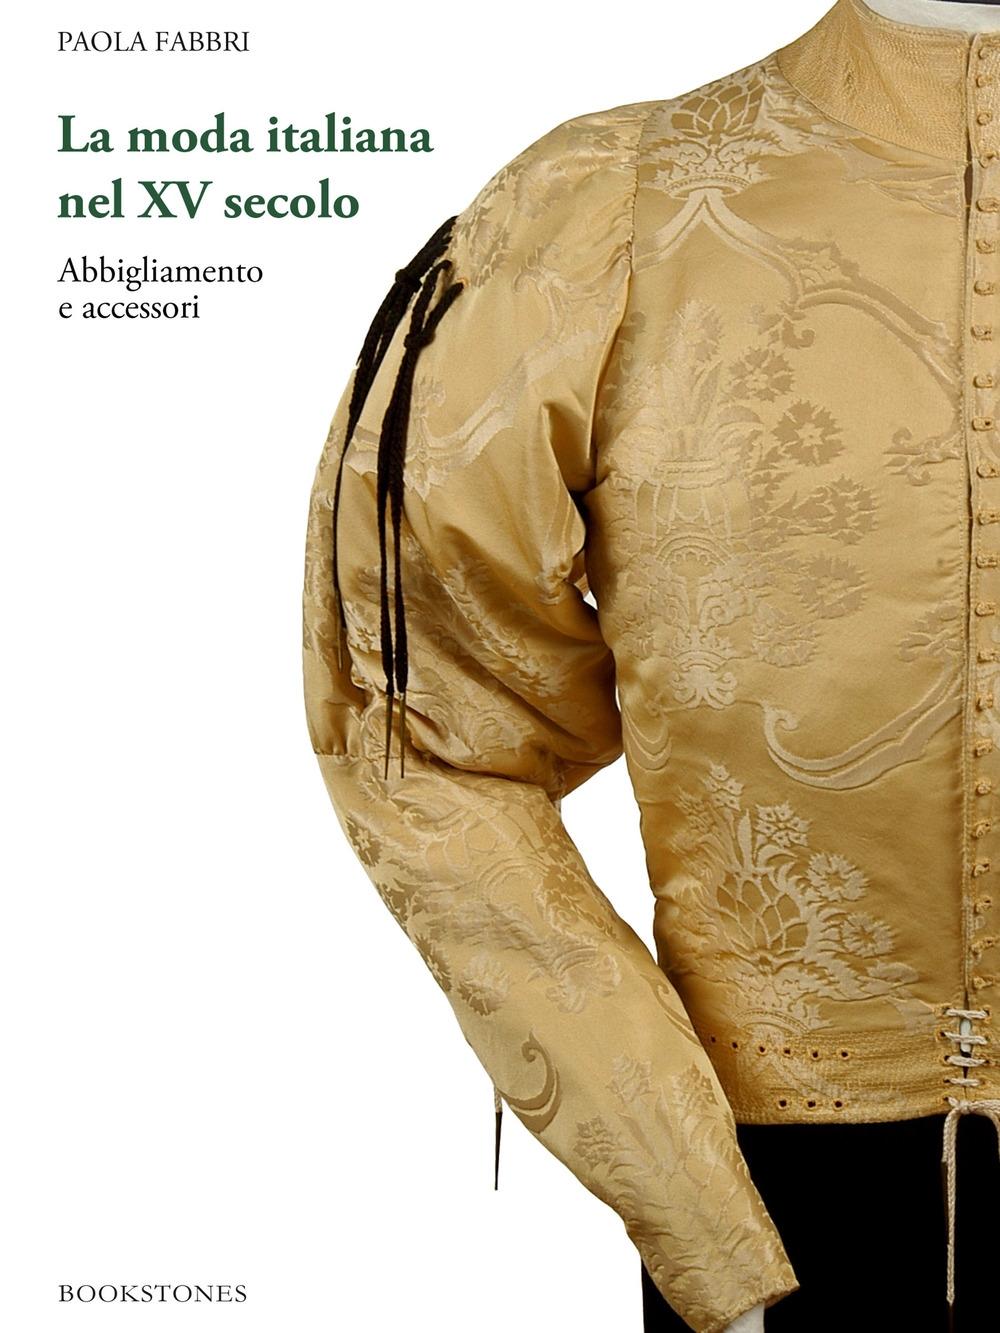 La moda italiana nel XV secolo. Abbigliamento e accessori